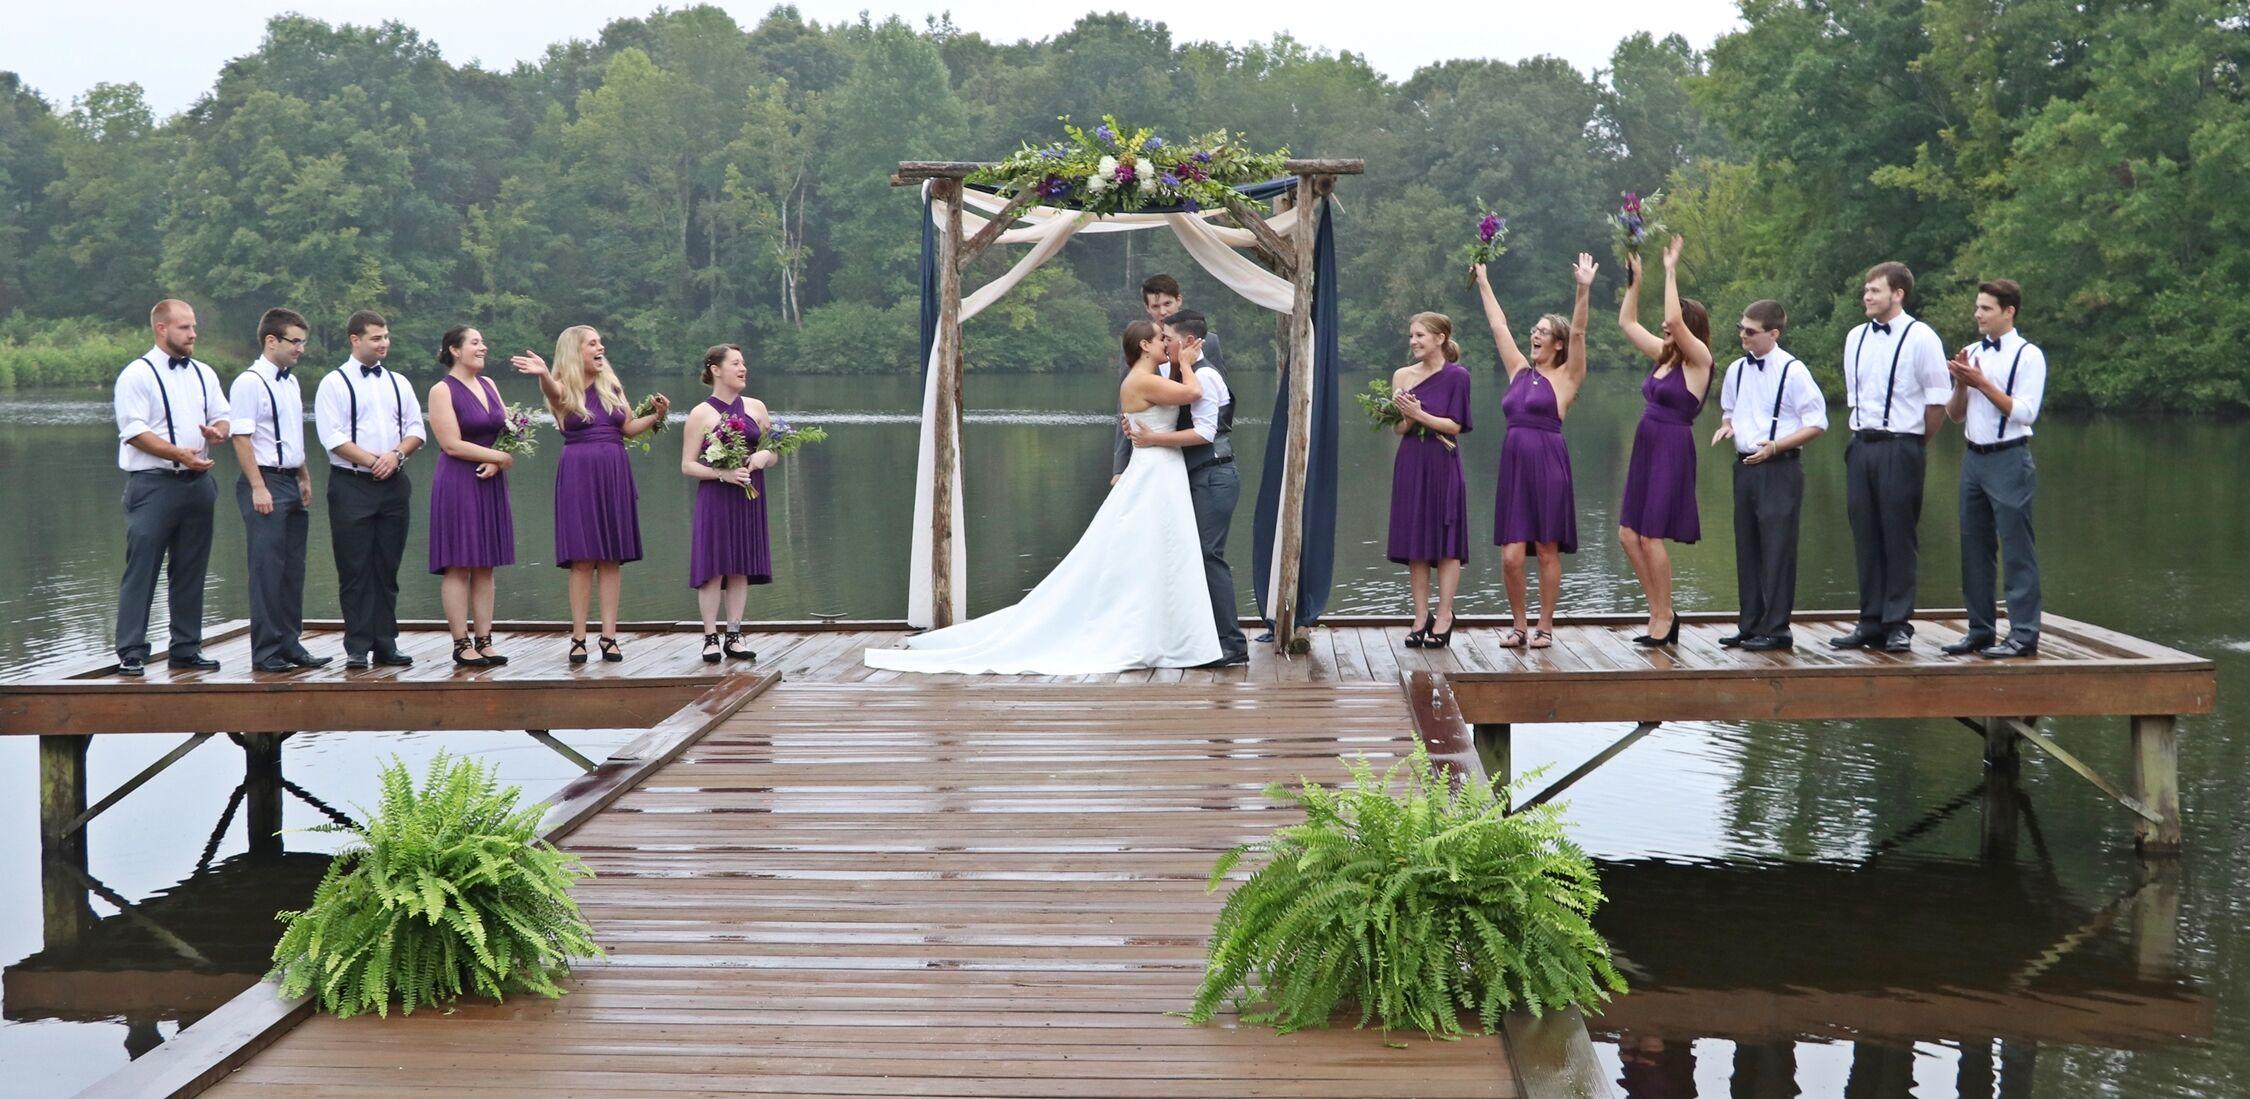 d264f602a96 The Carolyn Baldwin Lake Pavilion